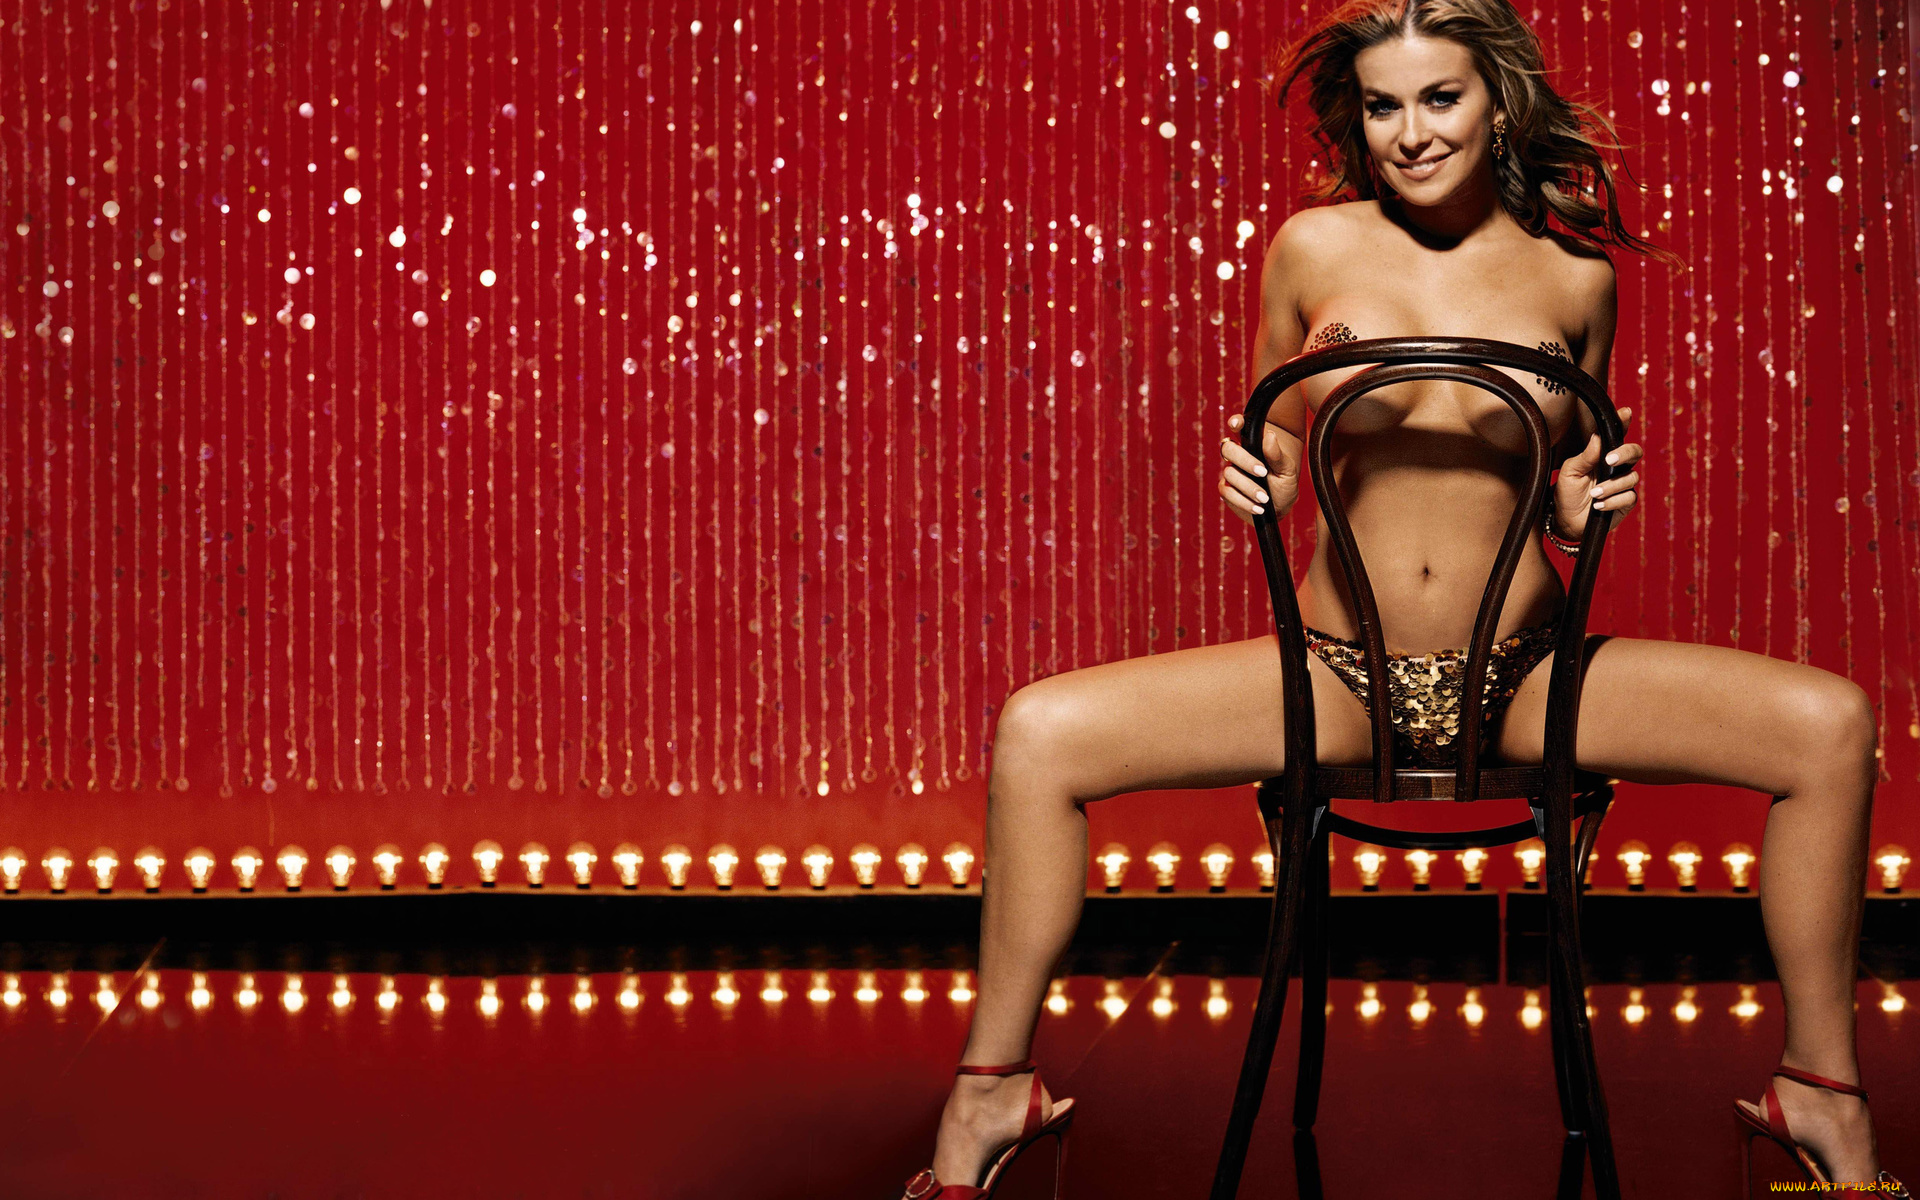 Carmen electra striptease dve